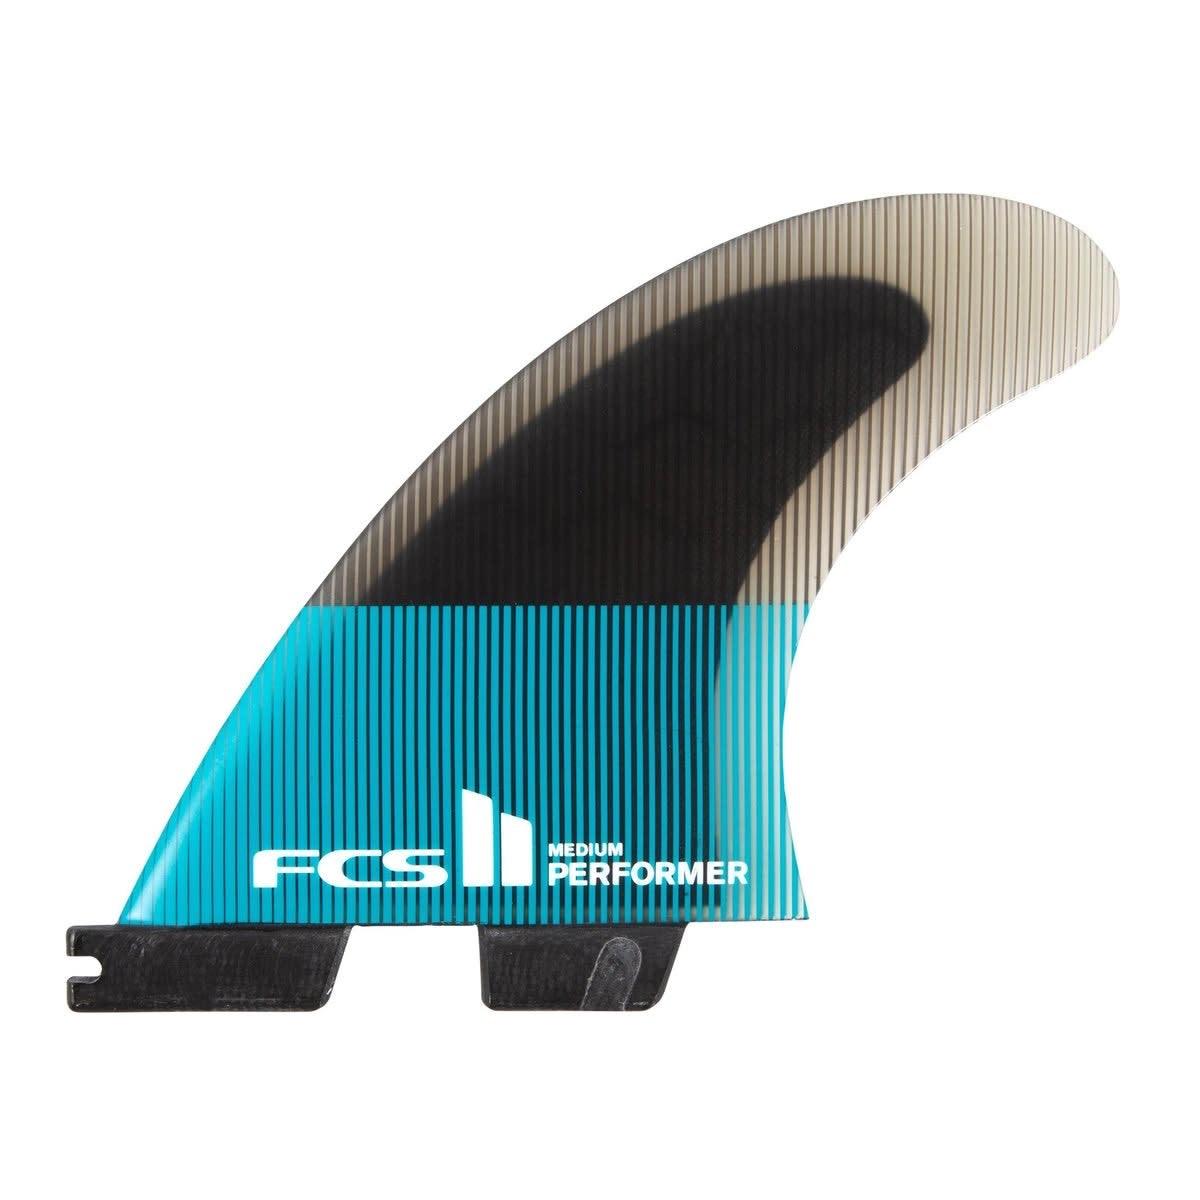 FCS FCS II Performer PC Small Teal/Black Tri